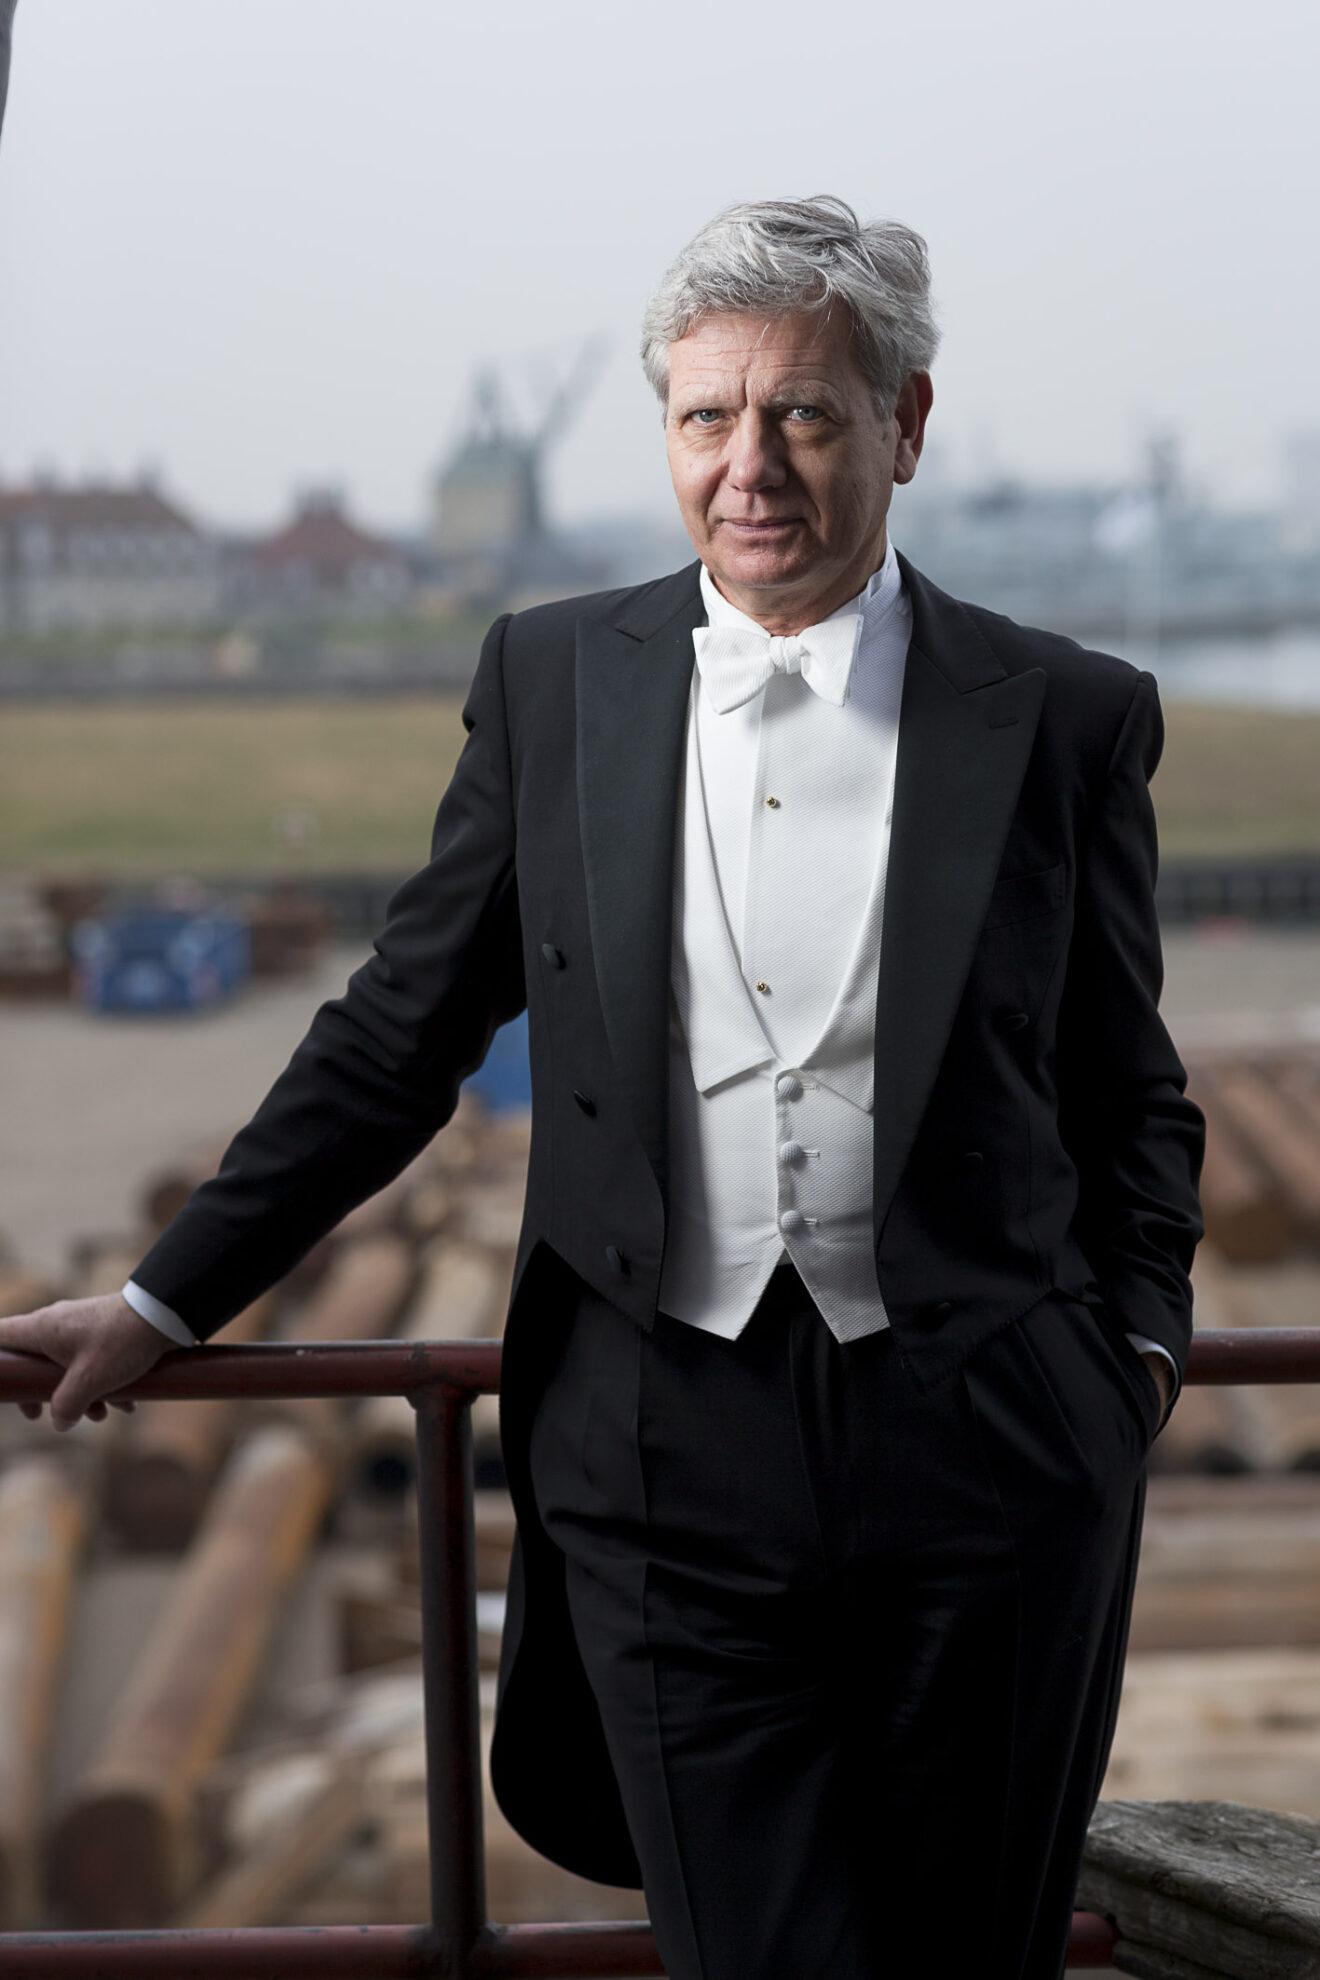 Tidligere kapelmester for Københavns Drengekor Ebbe Munk er årets modtager af Gentofte Kommunes Kulturpris